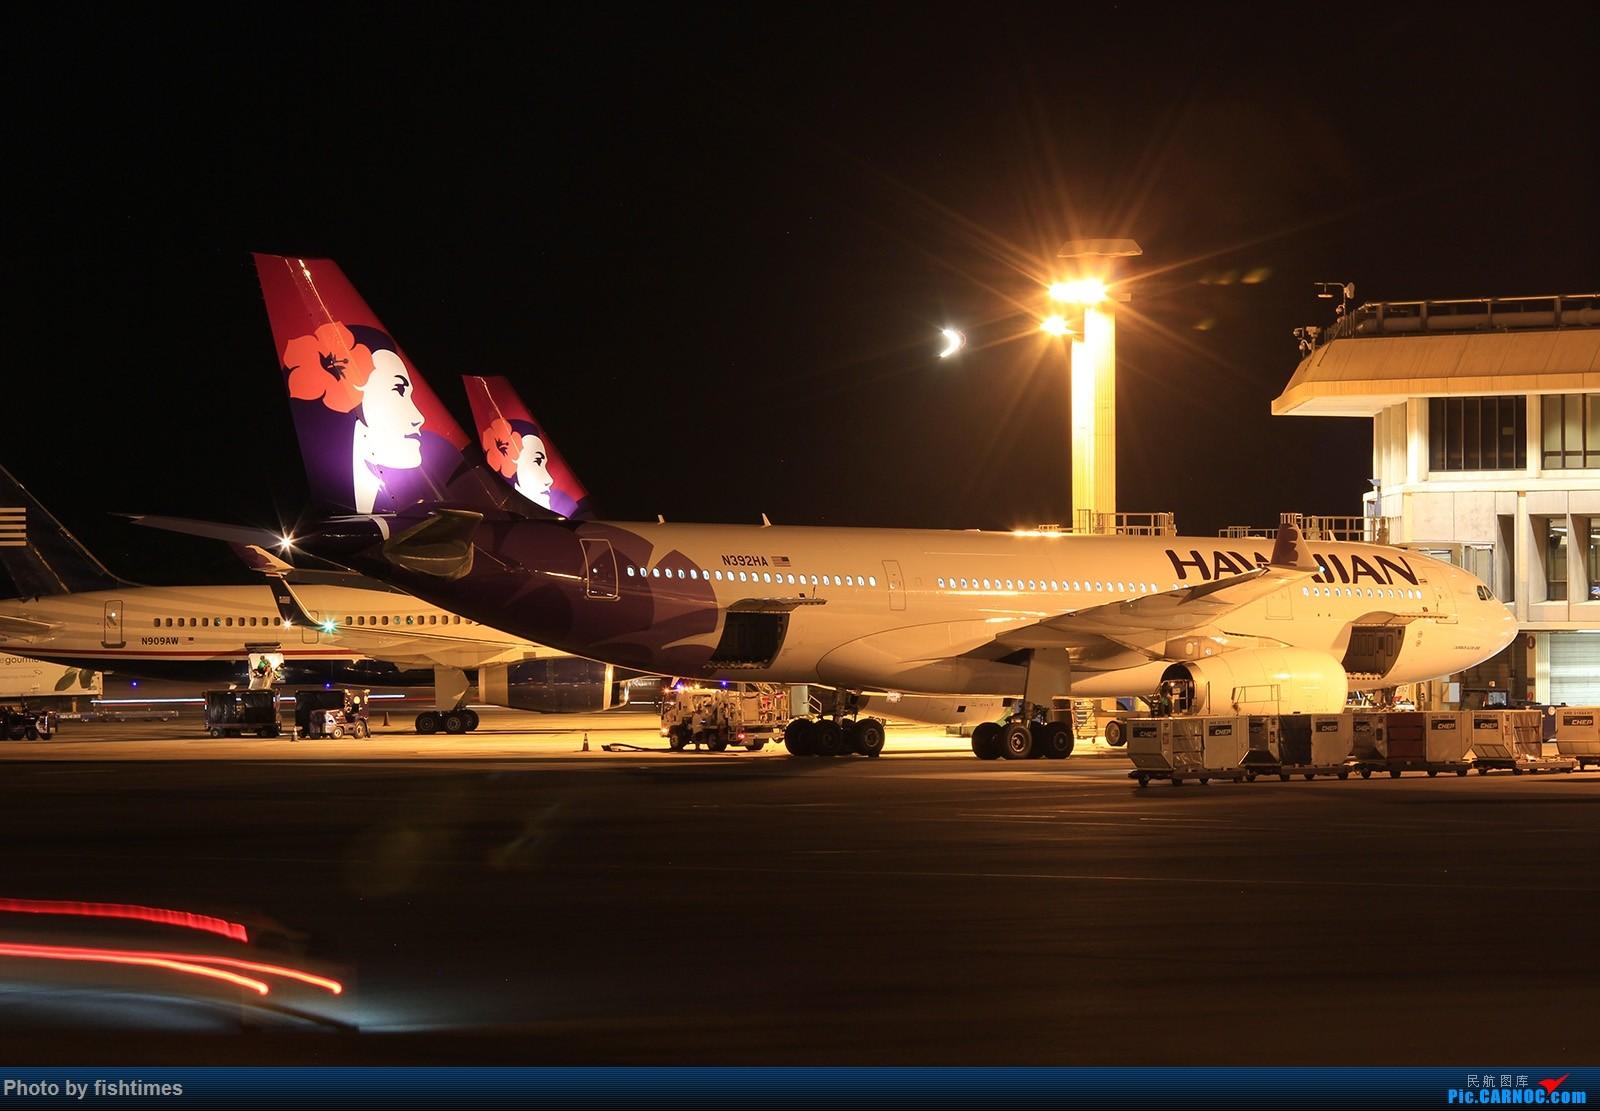 Re:[原创]【HNL】夏威夷机场图两张_20150713 AIRBUS A330-200 N392HA 美国檀香山机场